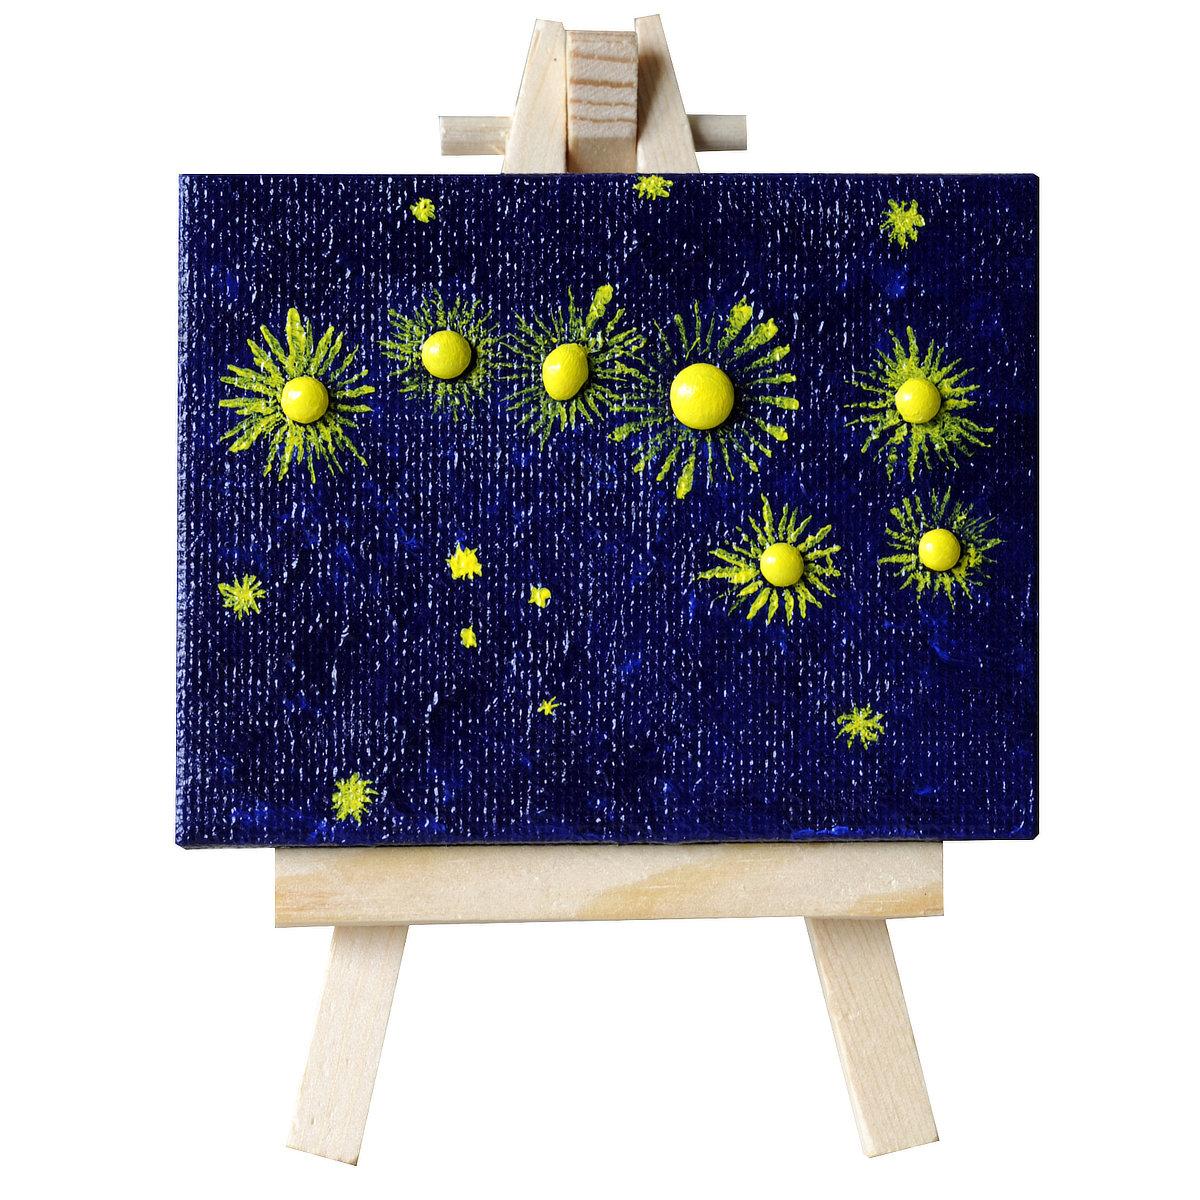 Mystarry night - mini-toile sur chevalet